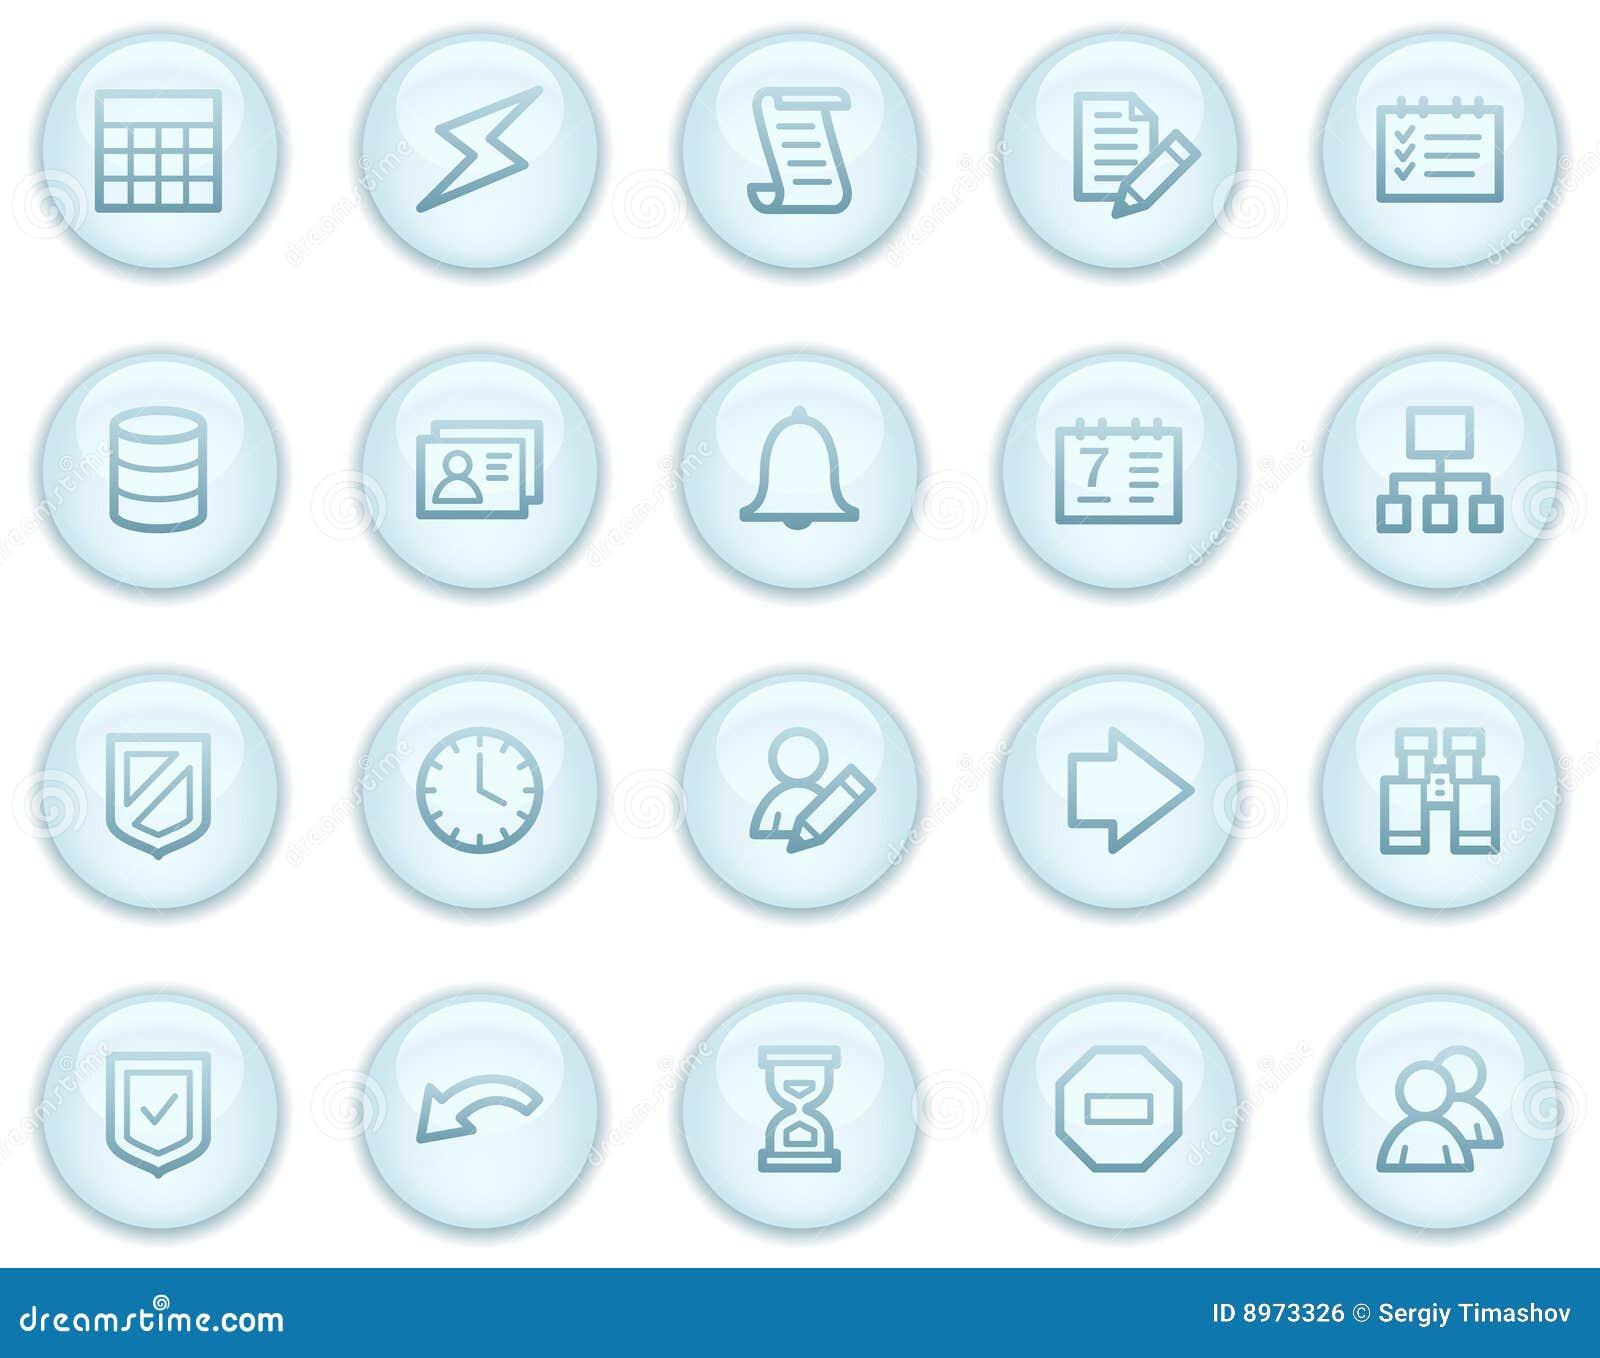 数据库图标万维网图片